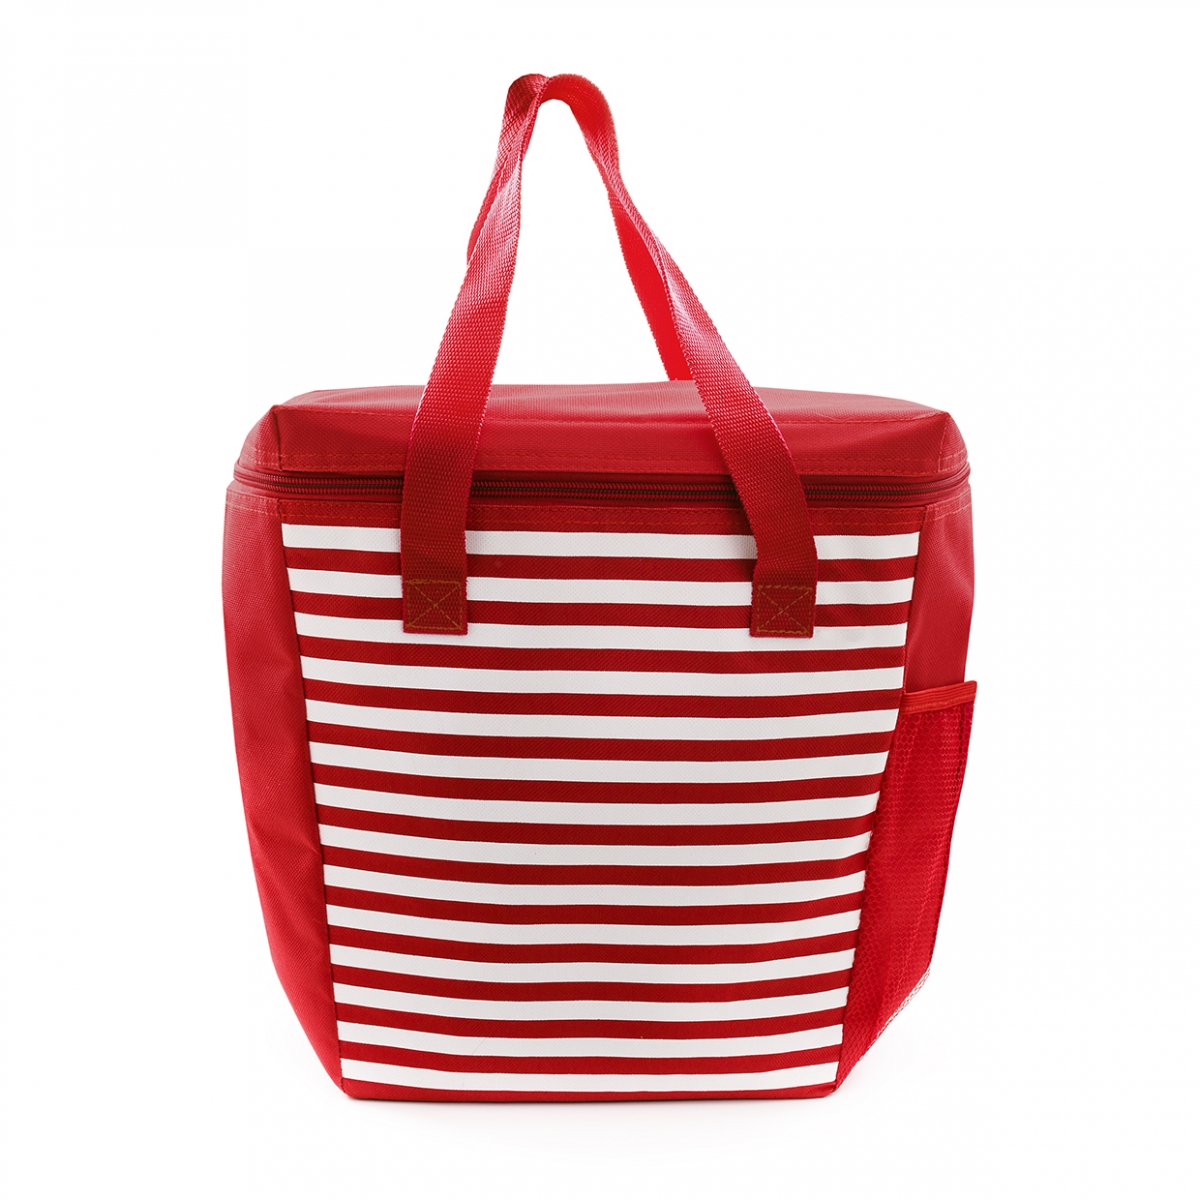 Imagen en la que se ve una bolsa de playa